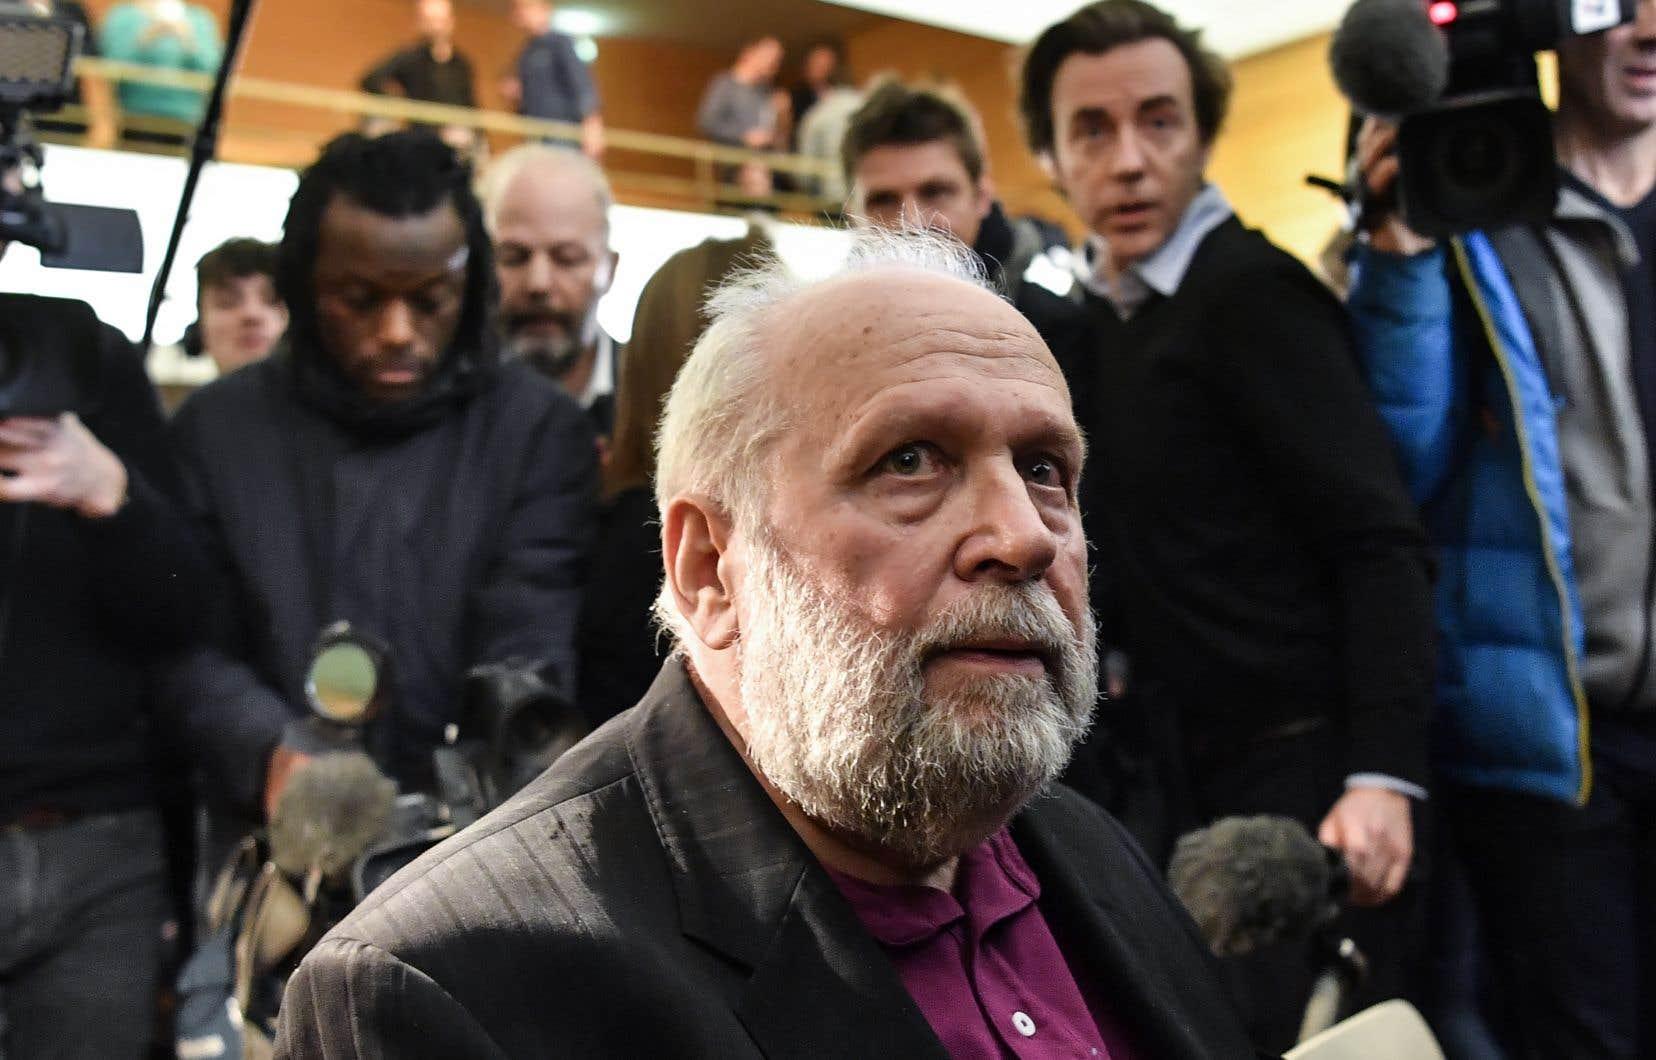 Pendant son procès, l'ex-prêtre français Bernard Preynat a raconté avoir été «victime d'un prêtre au séminaire, d'un moniteur qui [l]e caressait sous la douche».